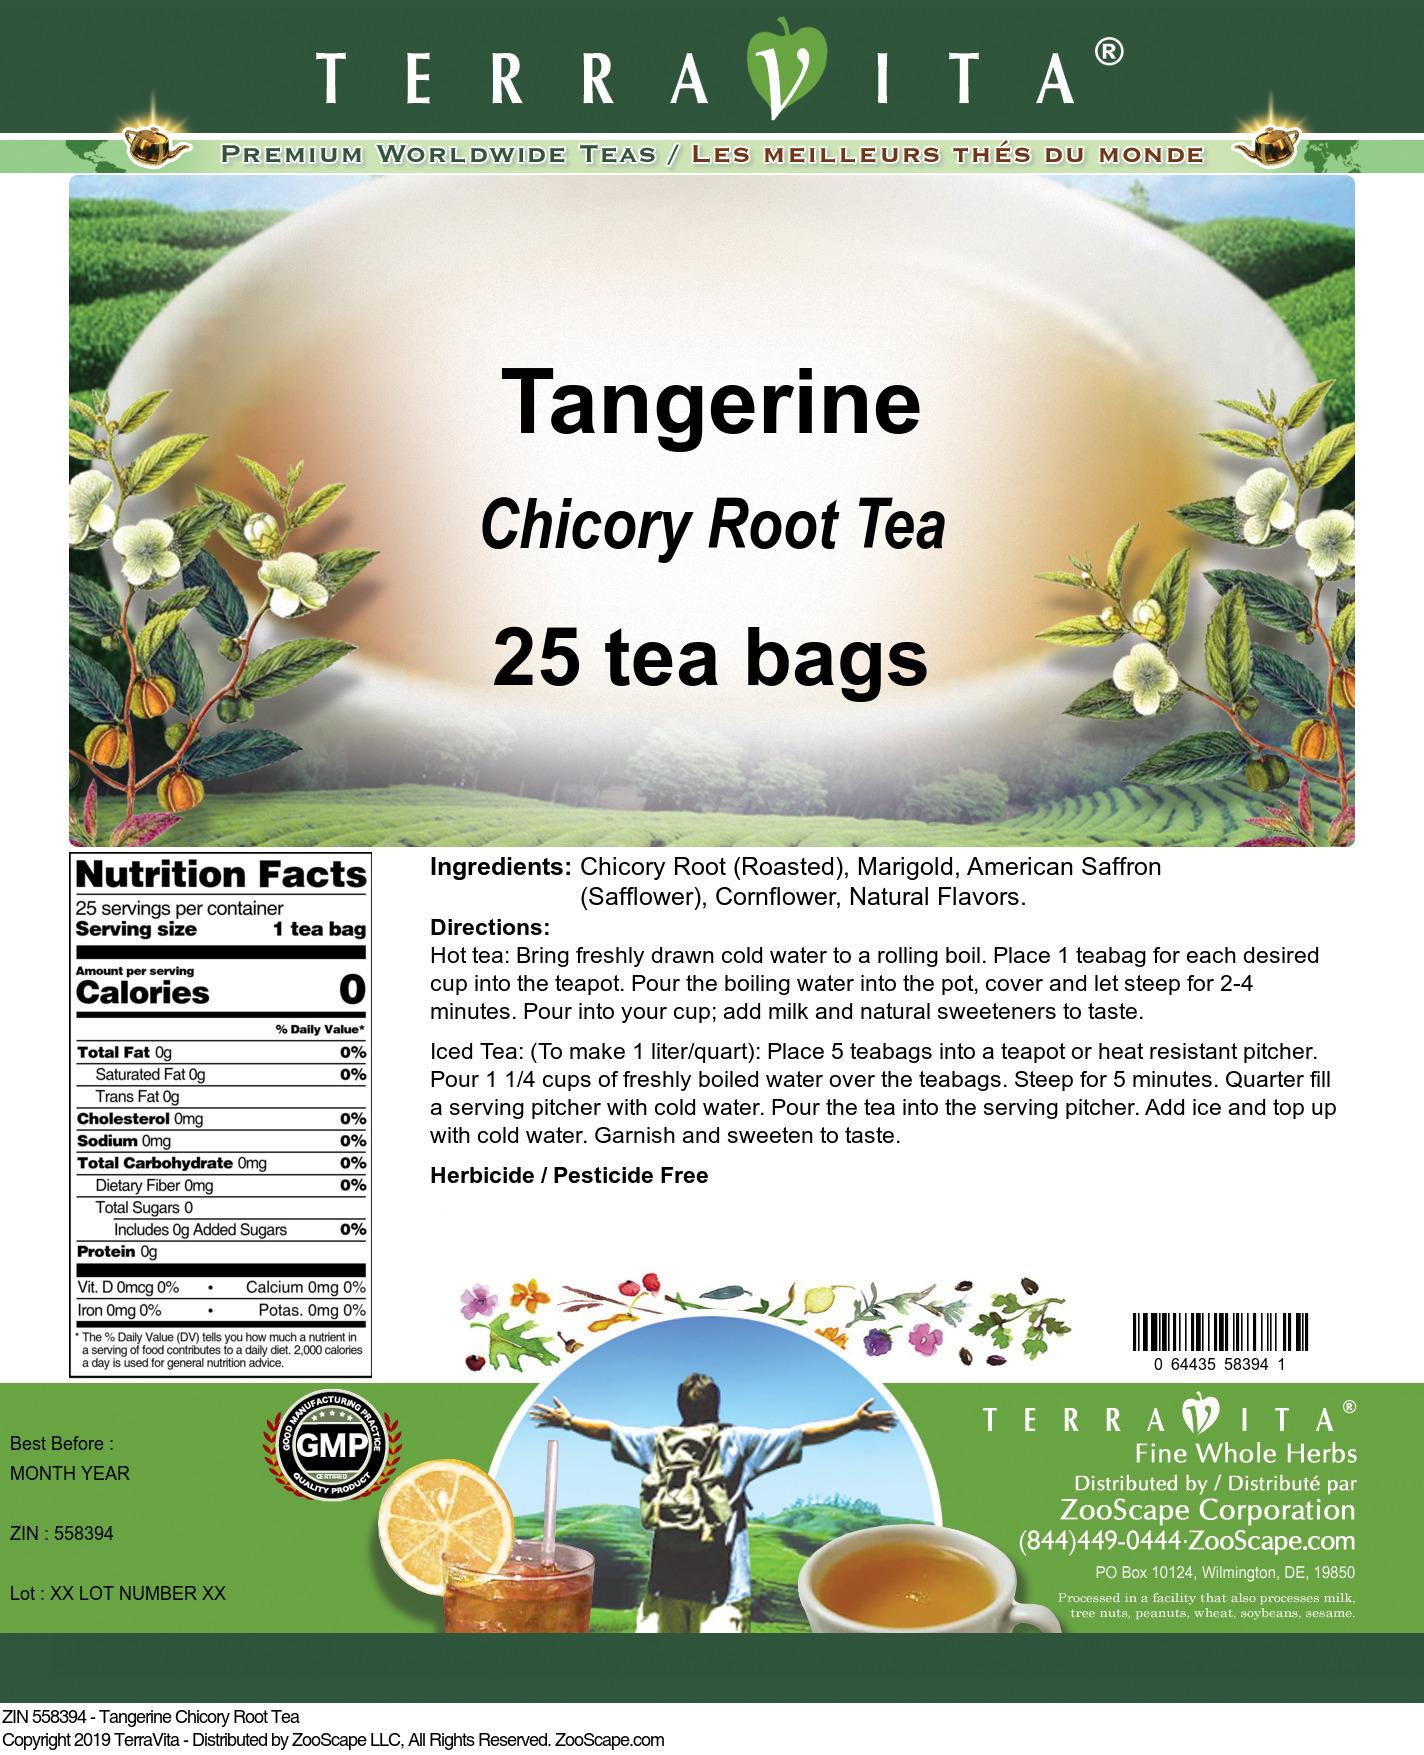 Tangerine Chicory Root